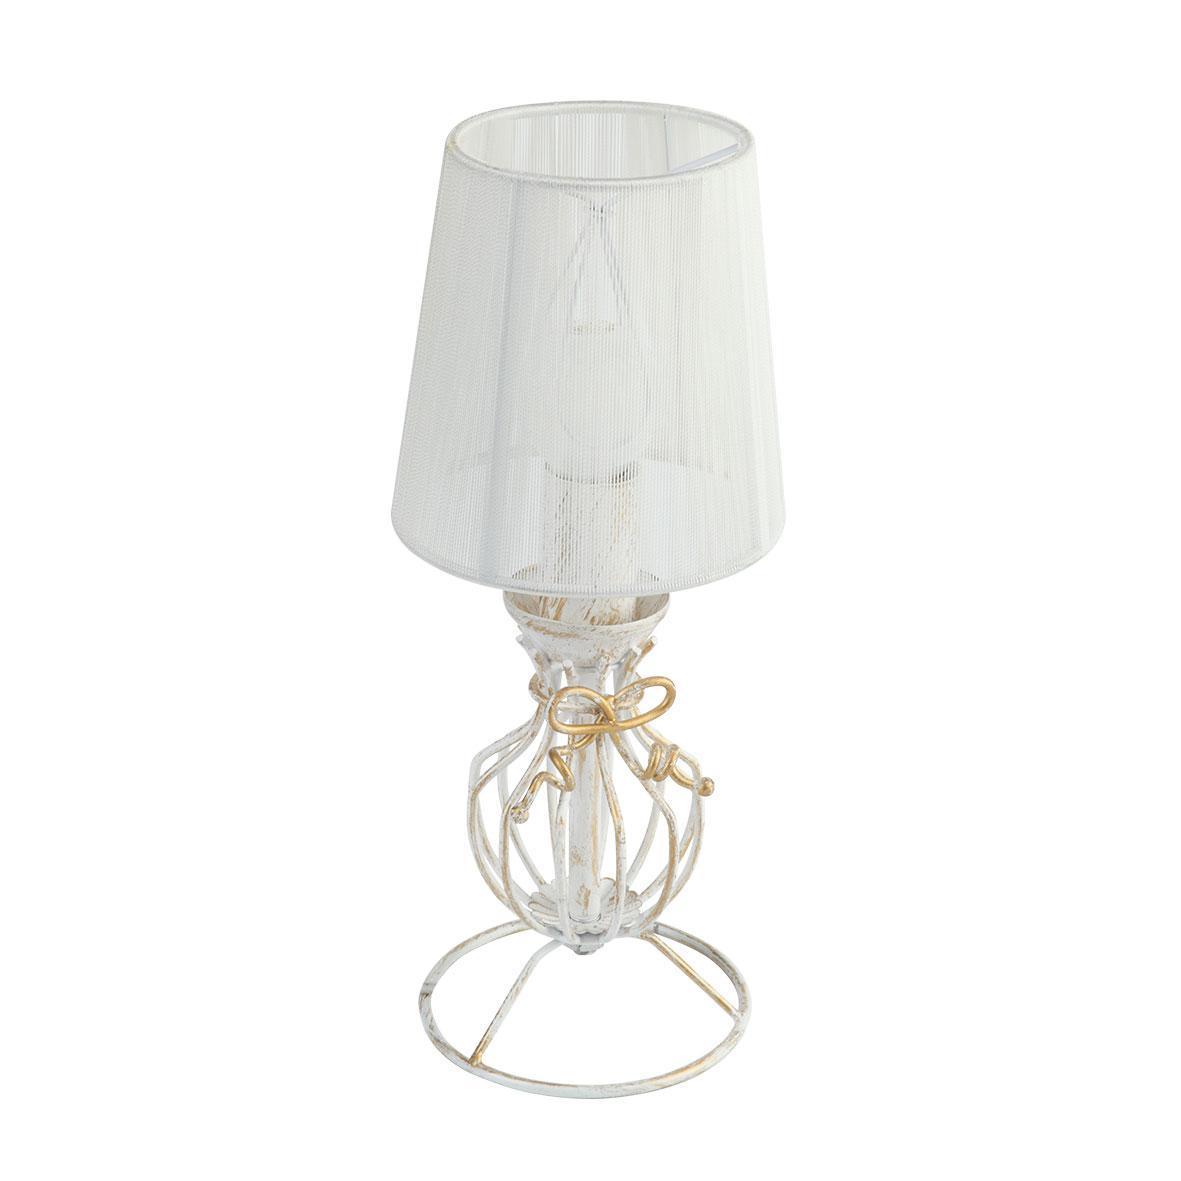 Настольная лампа Vitaluce V1555/1L лампа настольная vitaluce v1560 1l